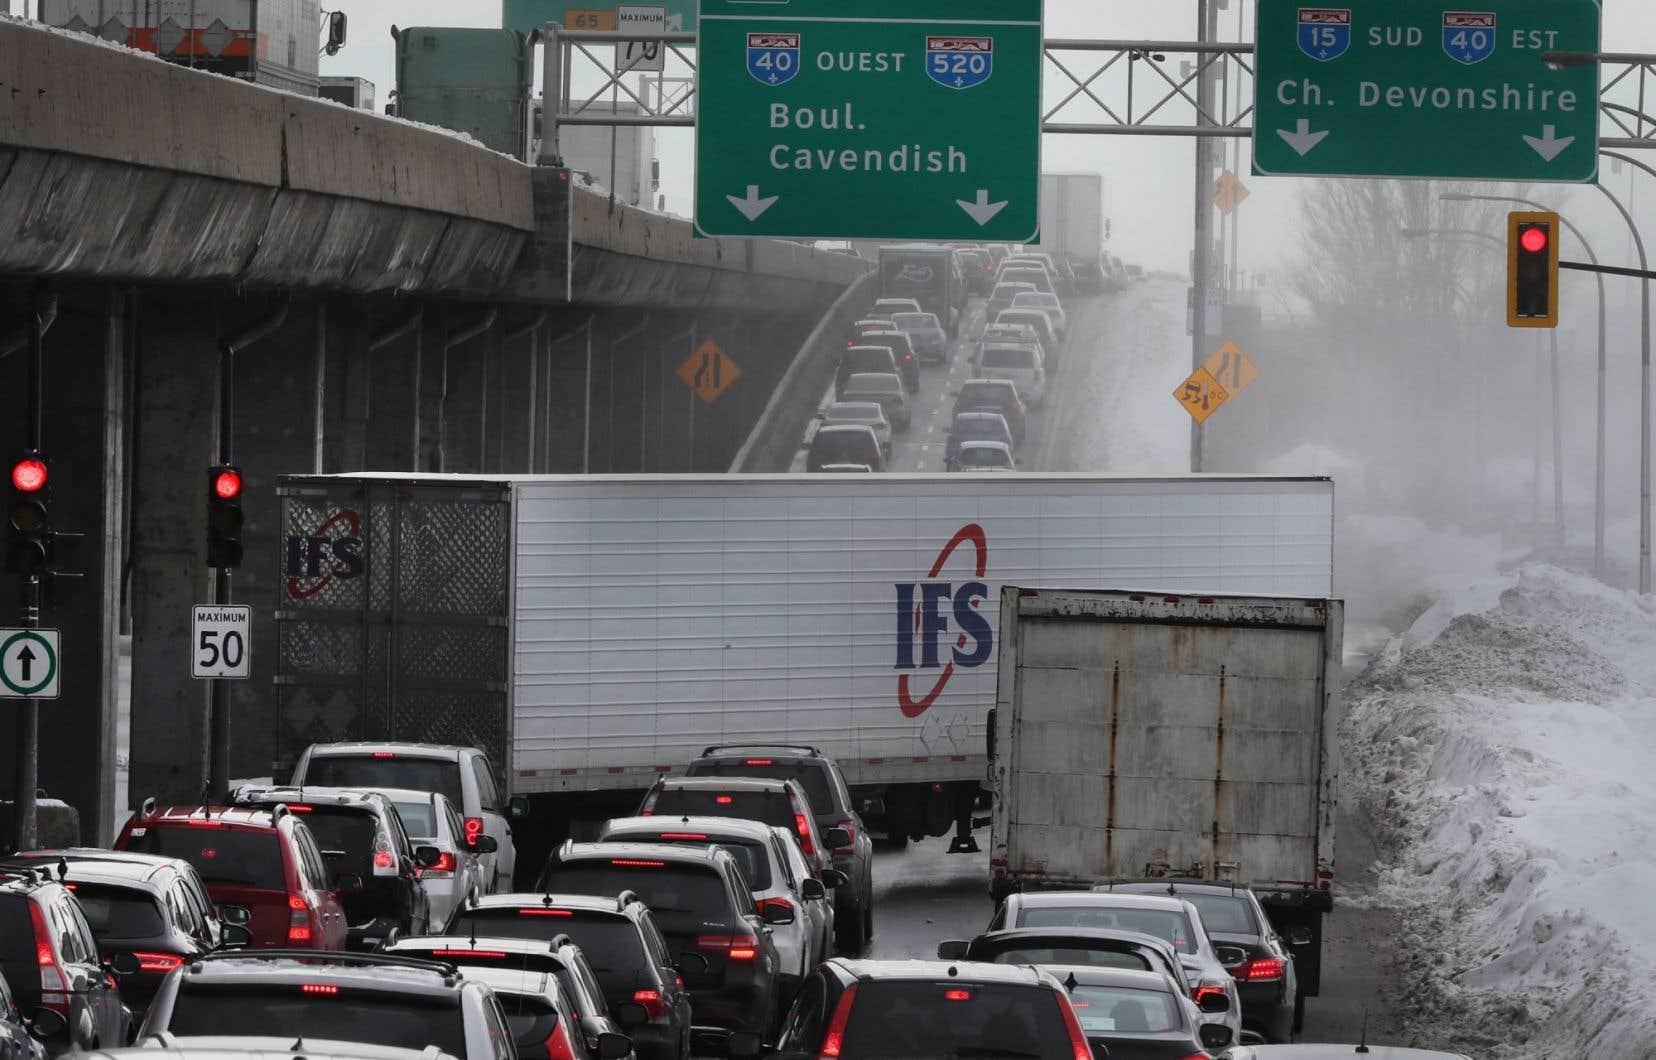 L'autoroute 520 Est a été ajoutée, car elle est devenue bloquée à la suite du refoulement de l'autoroute 13, dans les mêmes circonstances.